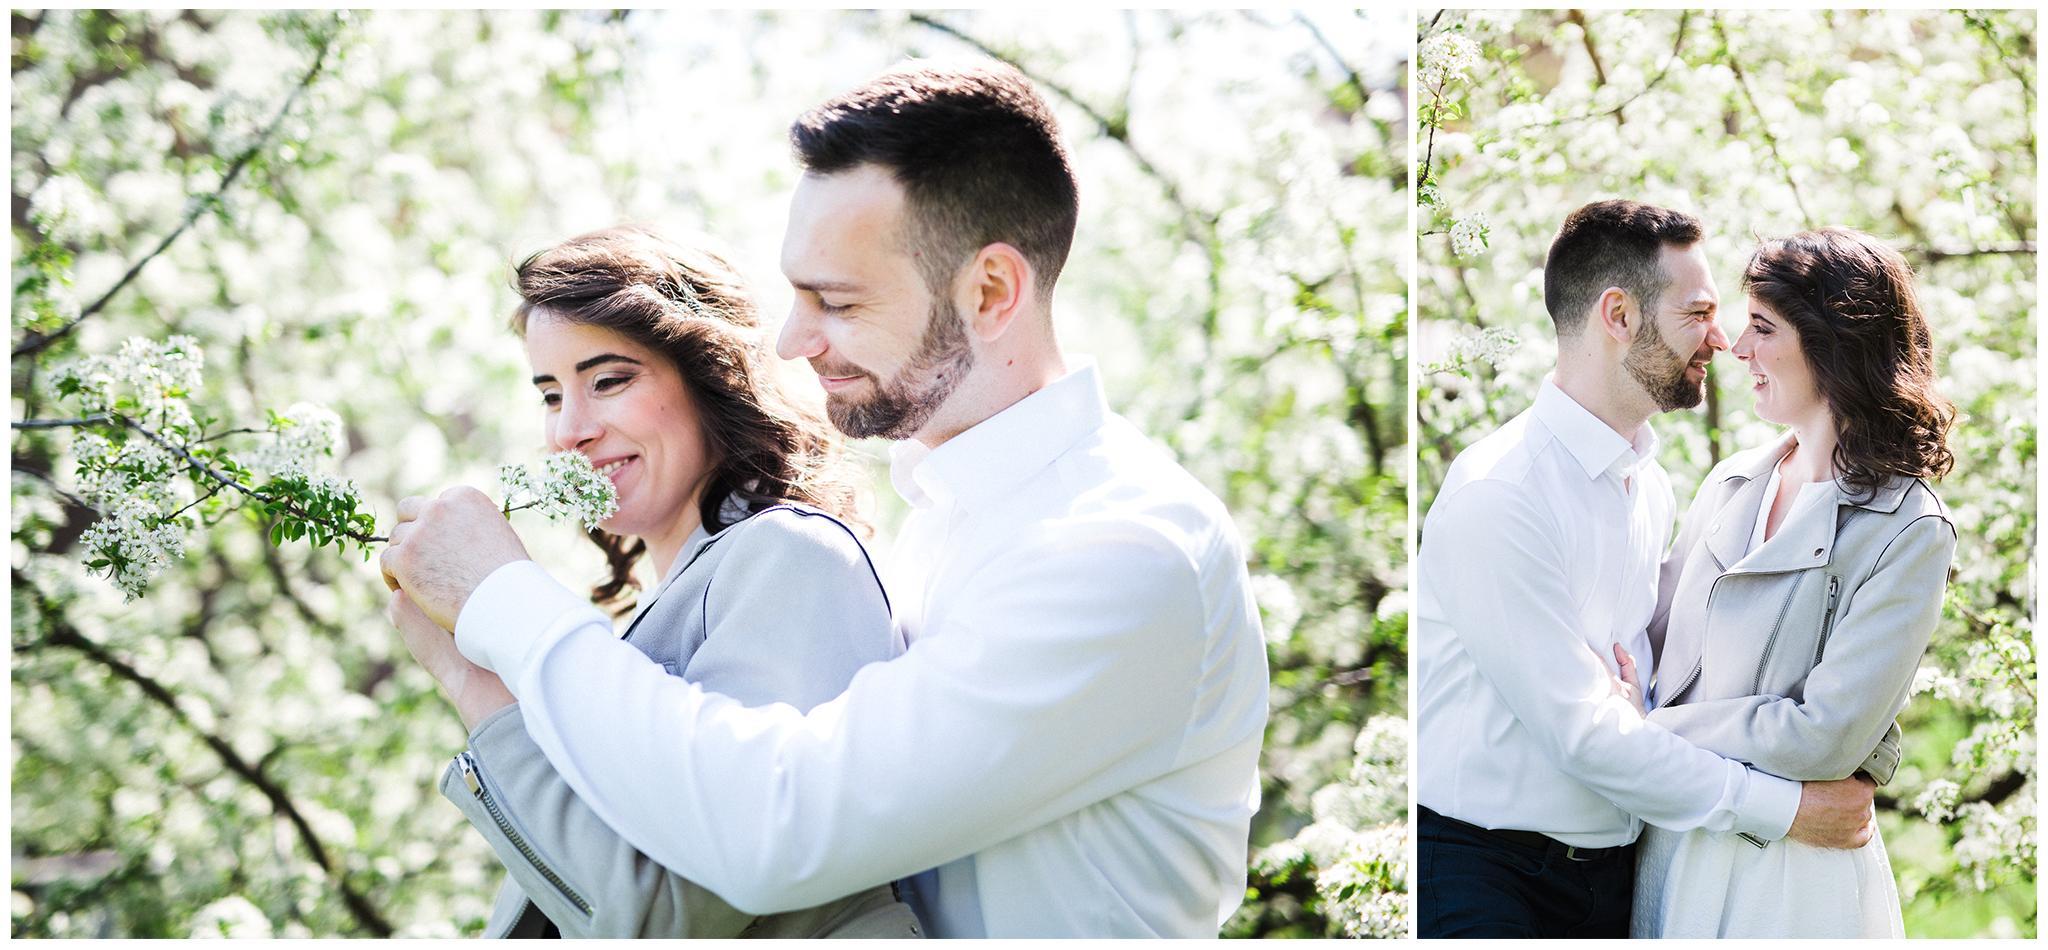 MONT_FylepPhoto, Esküvőfotós Vasmegye, Esküvő fotózás, Esküvői fotós, Körmend, Vas megye, Dunántúl, Budapest, Fülöp Péter, Jegyes fotózás, jegyesfotó_Ramona&Marci,2018_005.jpg